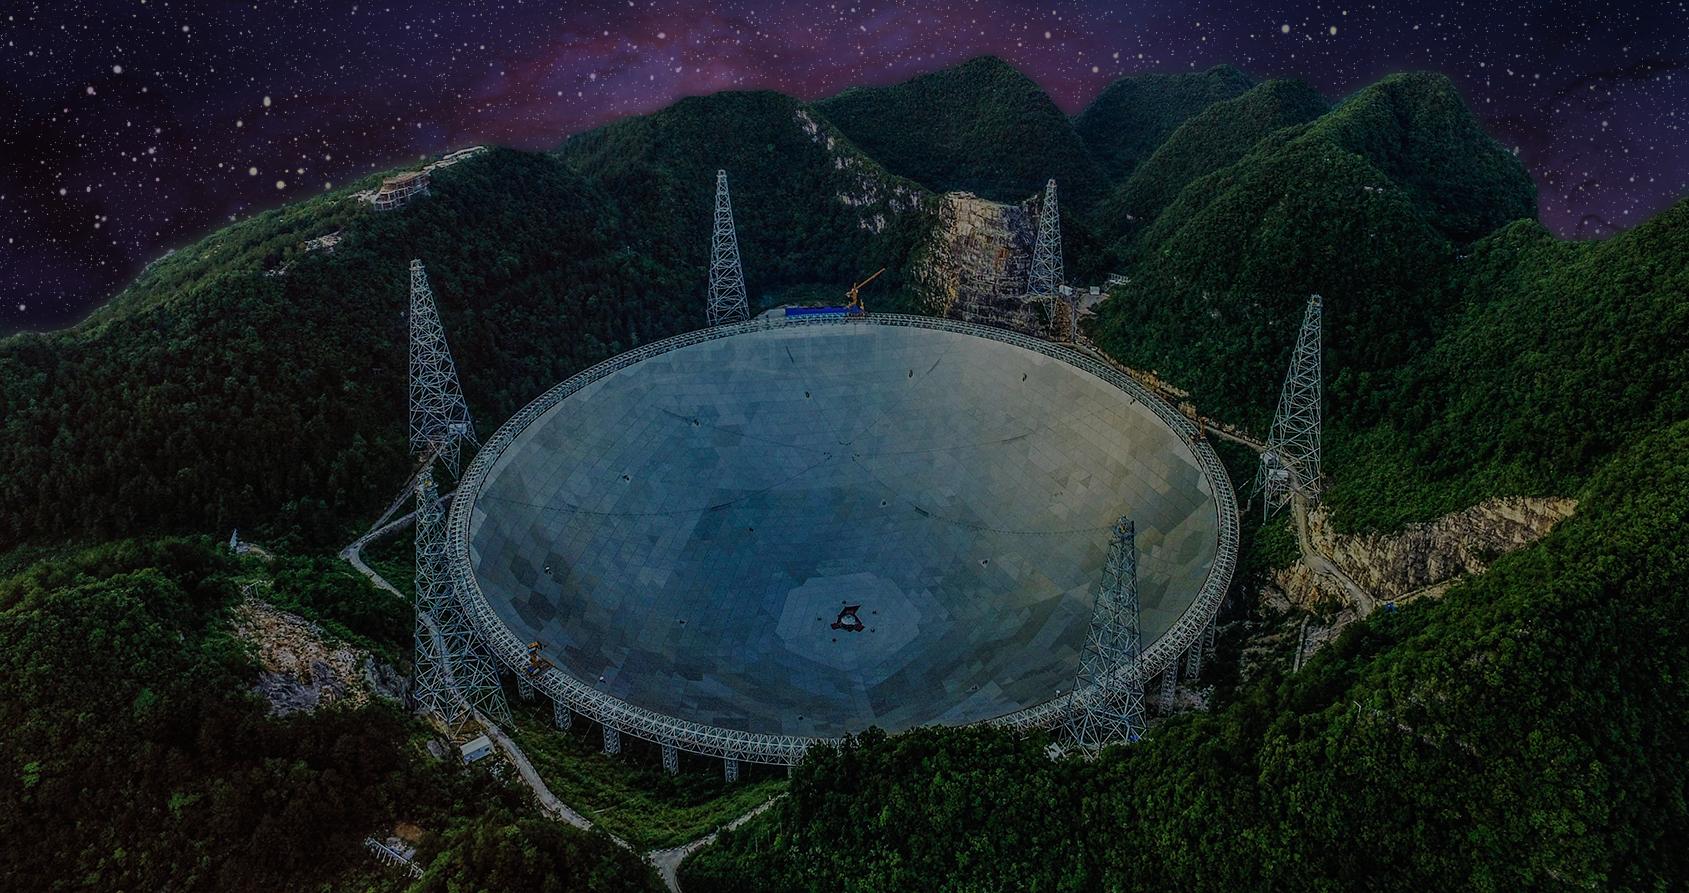 La Chine sera-t-elle la première nation à entrer en contact avec des extraterrestres ?